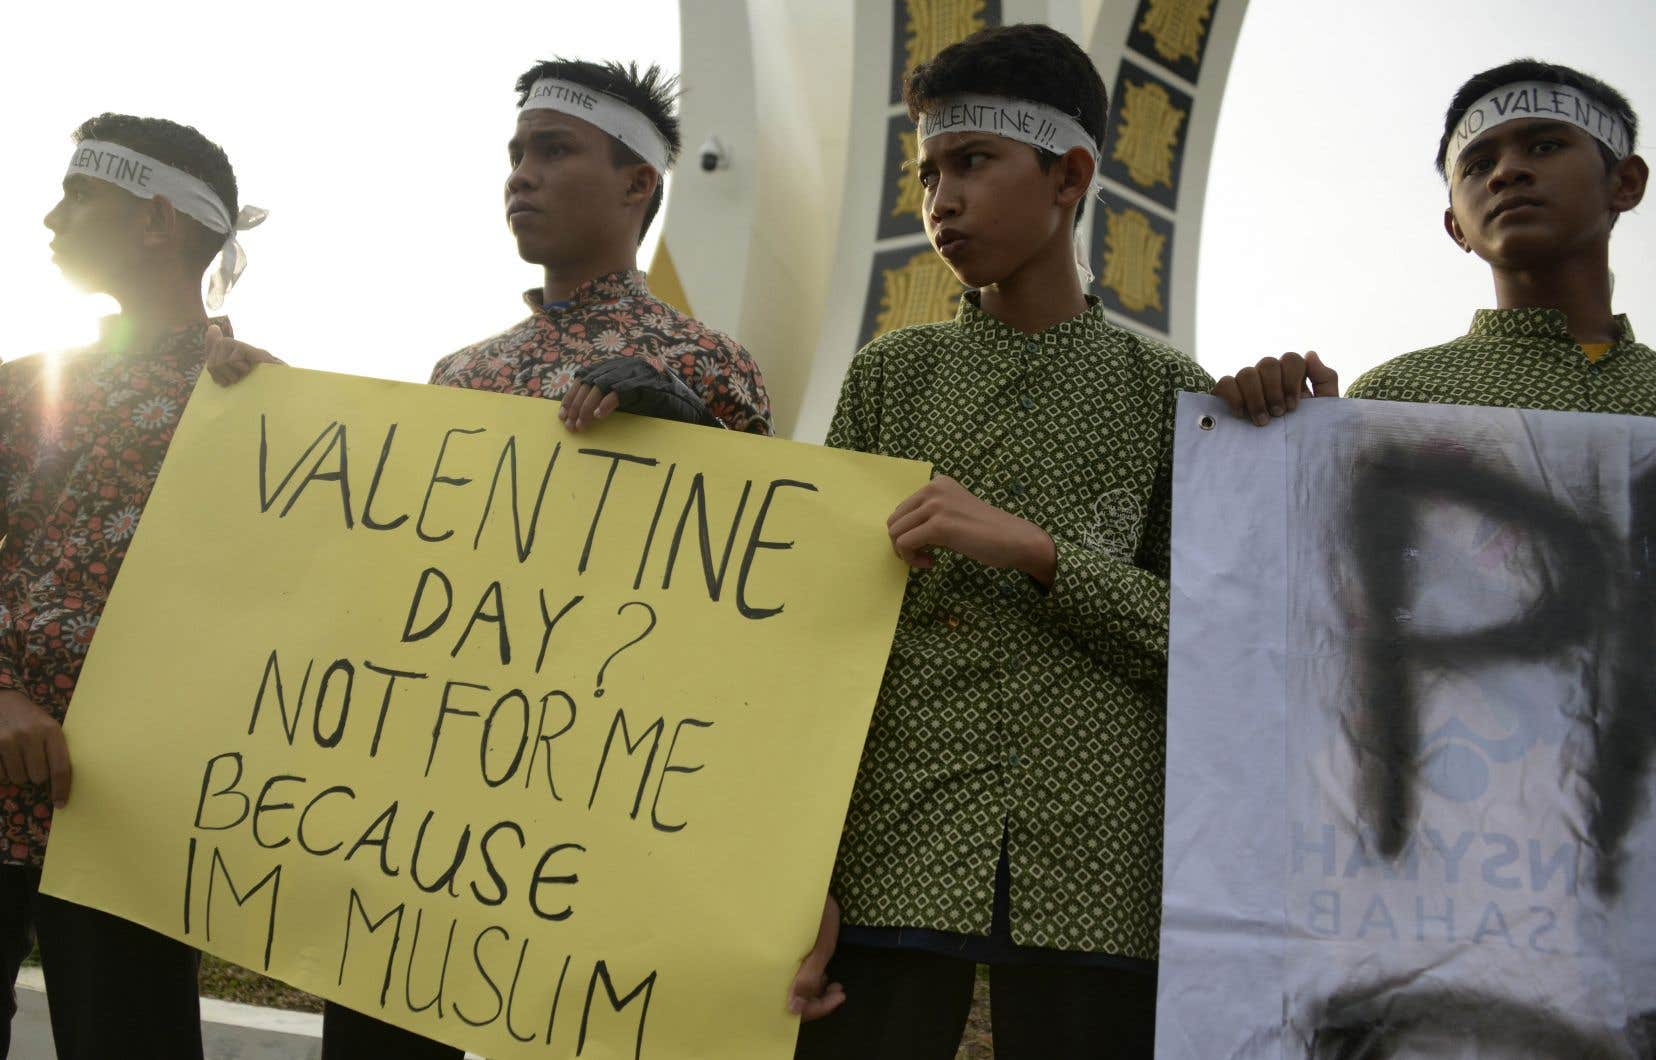 À Aceh, seule province d'Indonésie à appliquer la loi islamique, les autorités ont interdit la célébration de la Saint-Valentin, citant des normes religieuses.